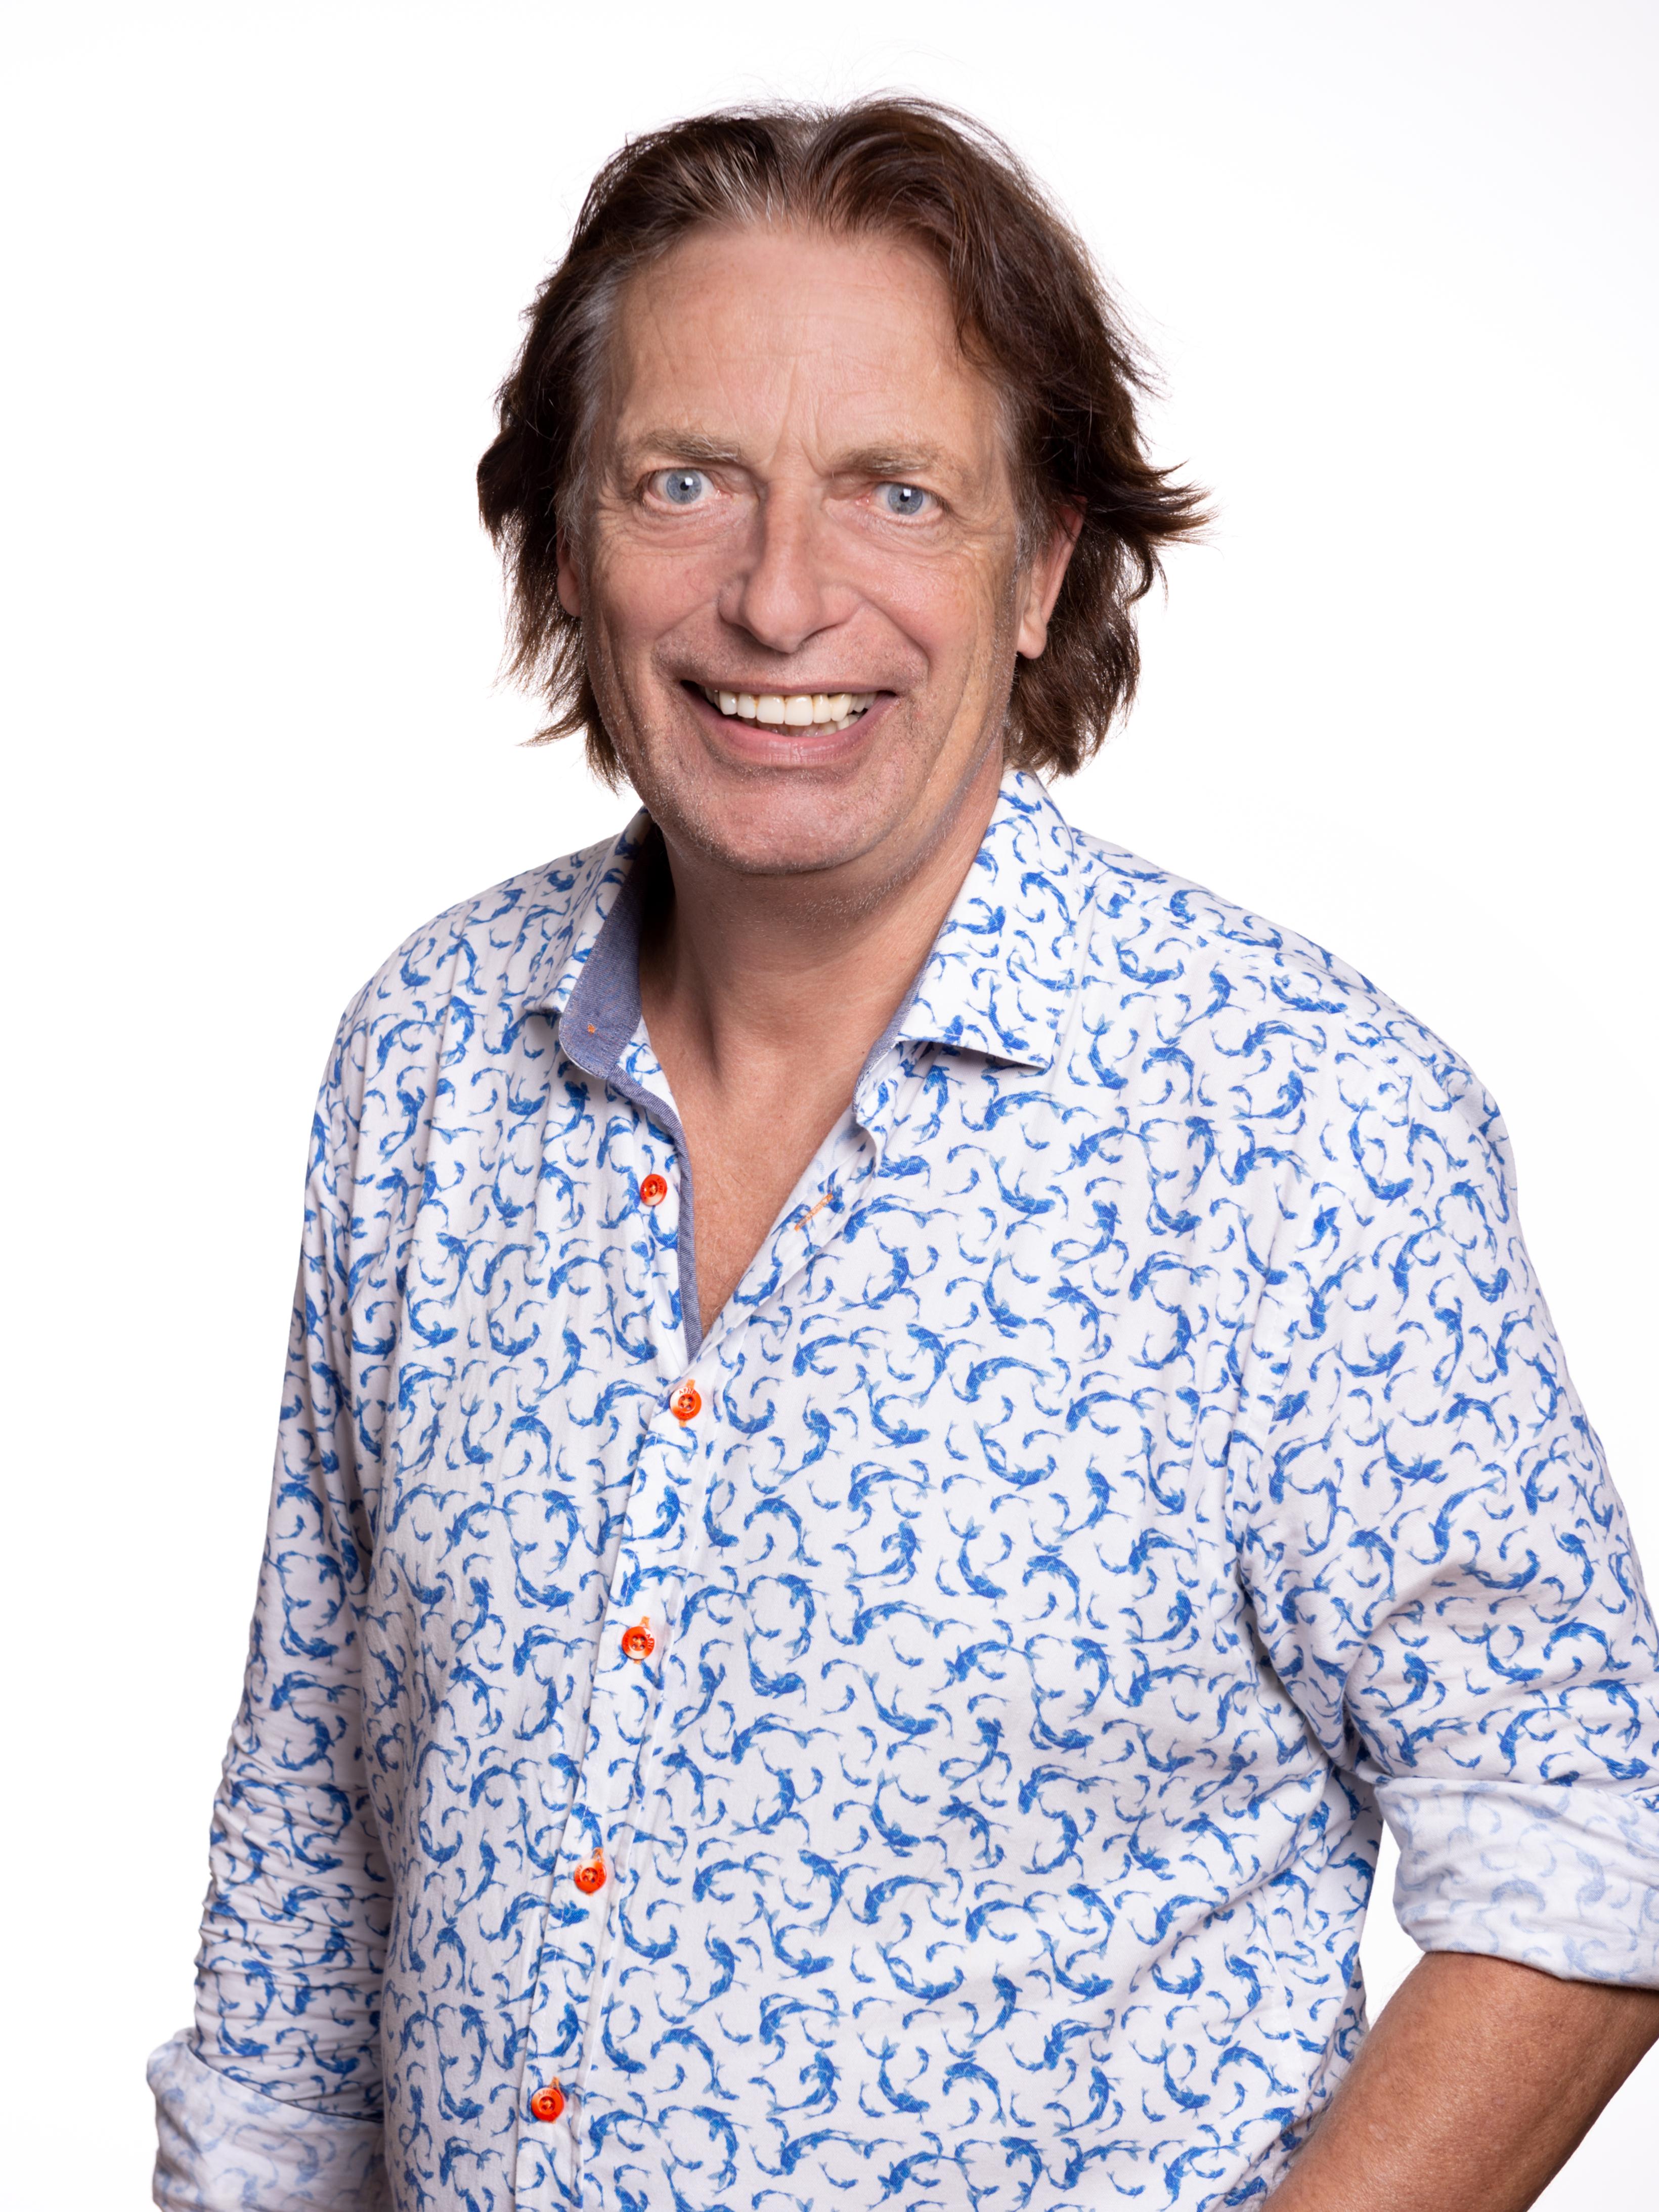 Wil Michels